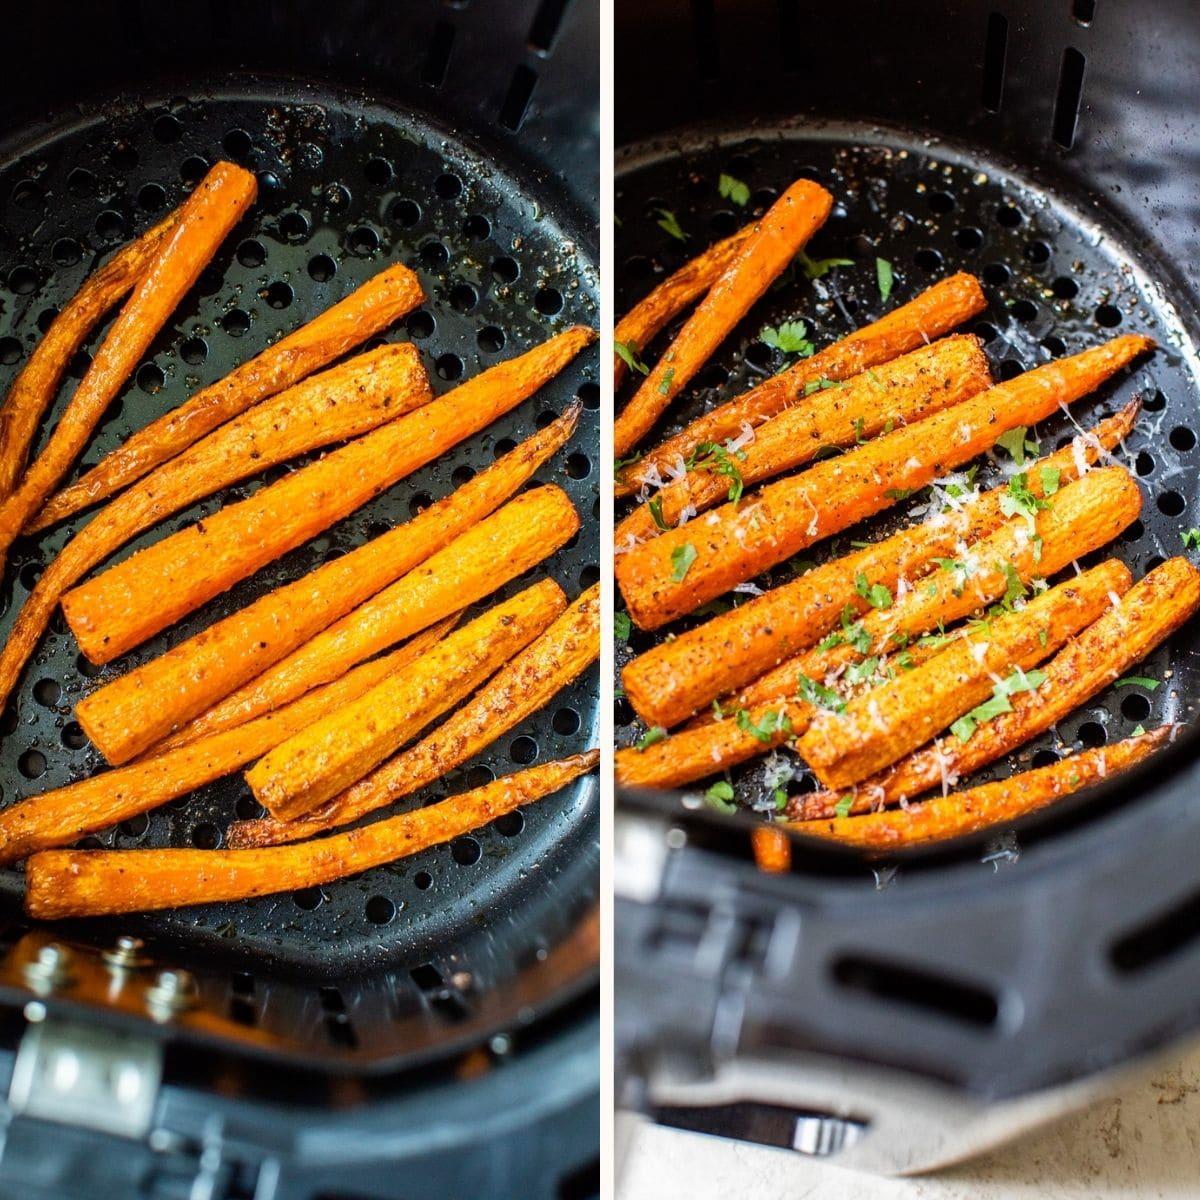 carrot sticks in an air fryer